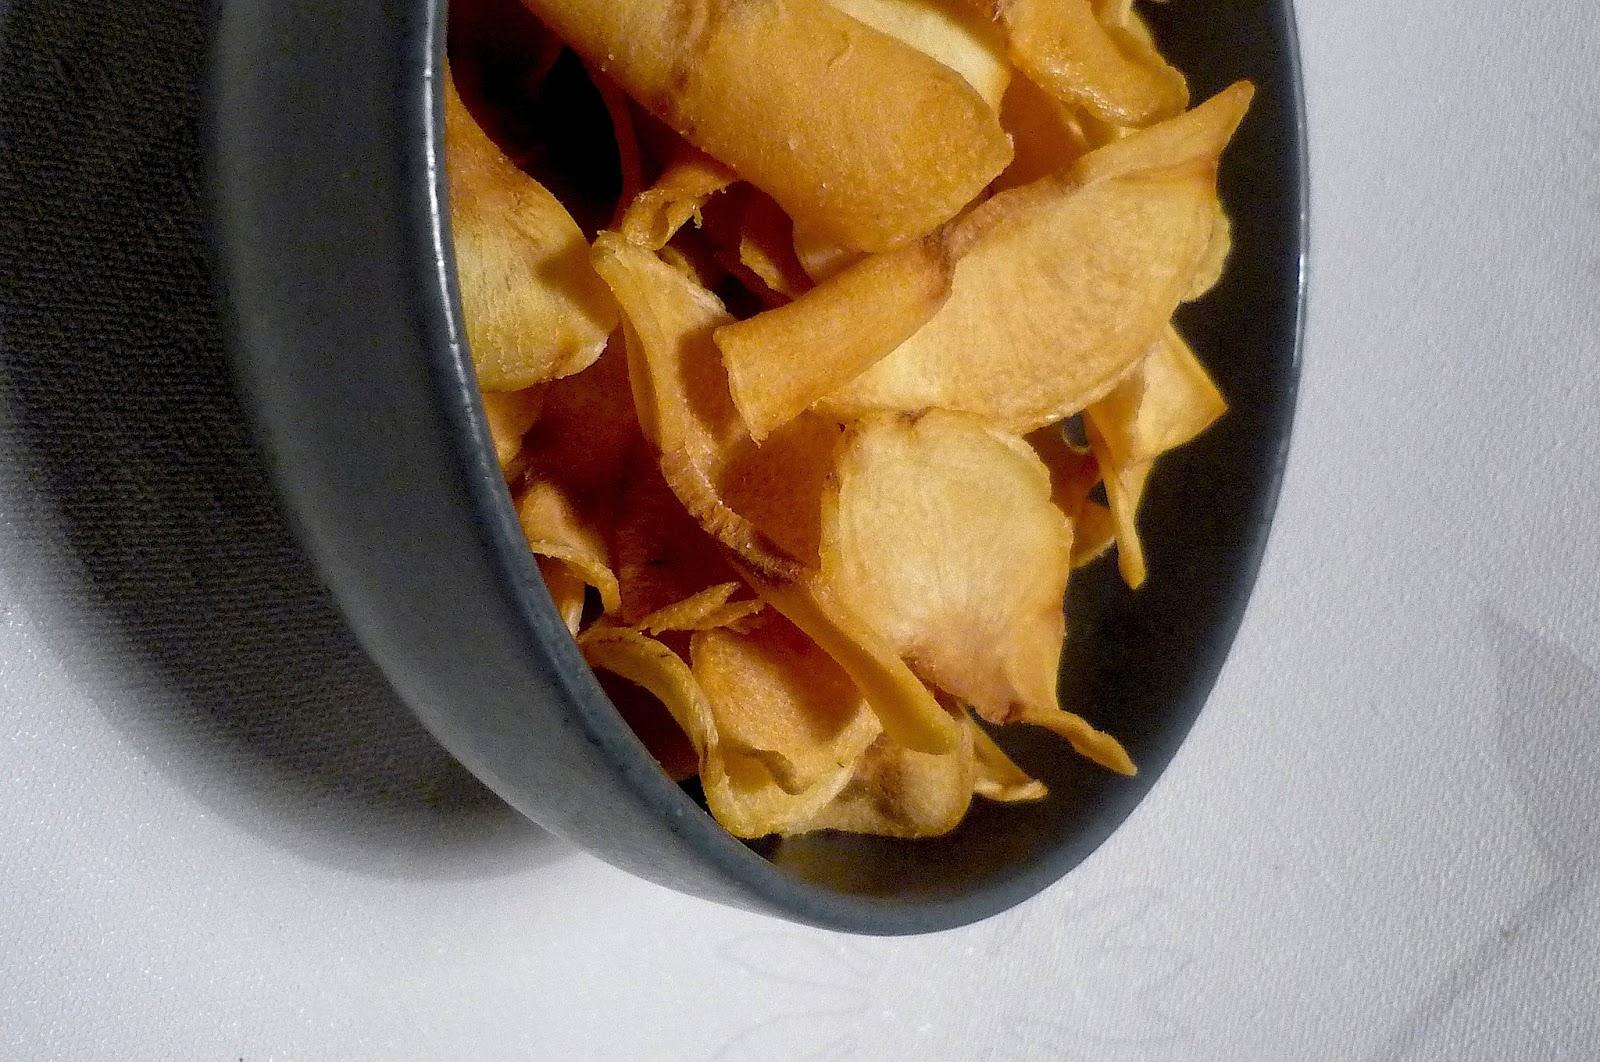 la francesa aux fourneaux chips de panais la fureur des l gumes oubli s chips de chirivia. Black Bedroom Furniture Sets. Home Design Ideas